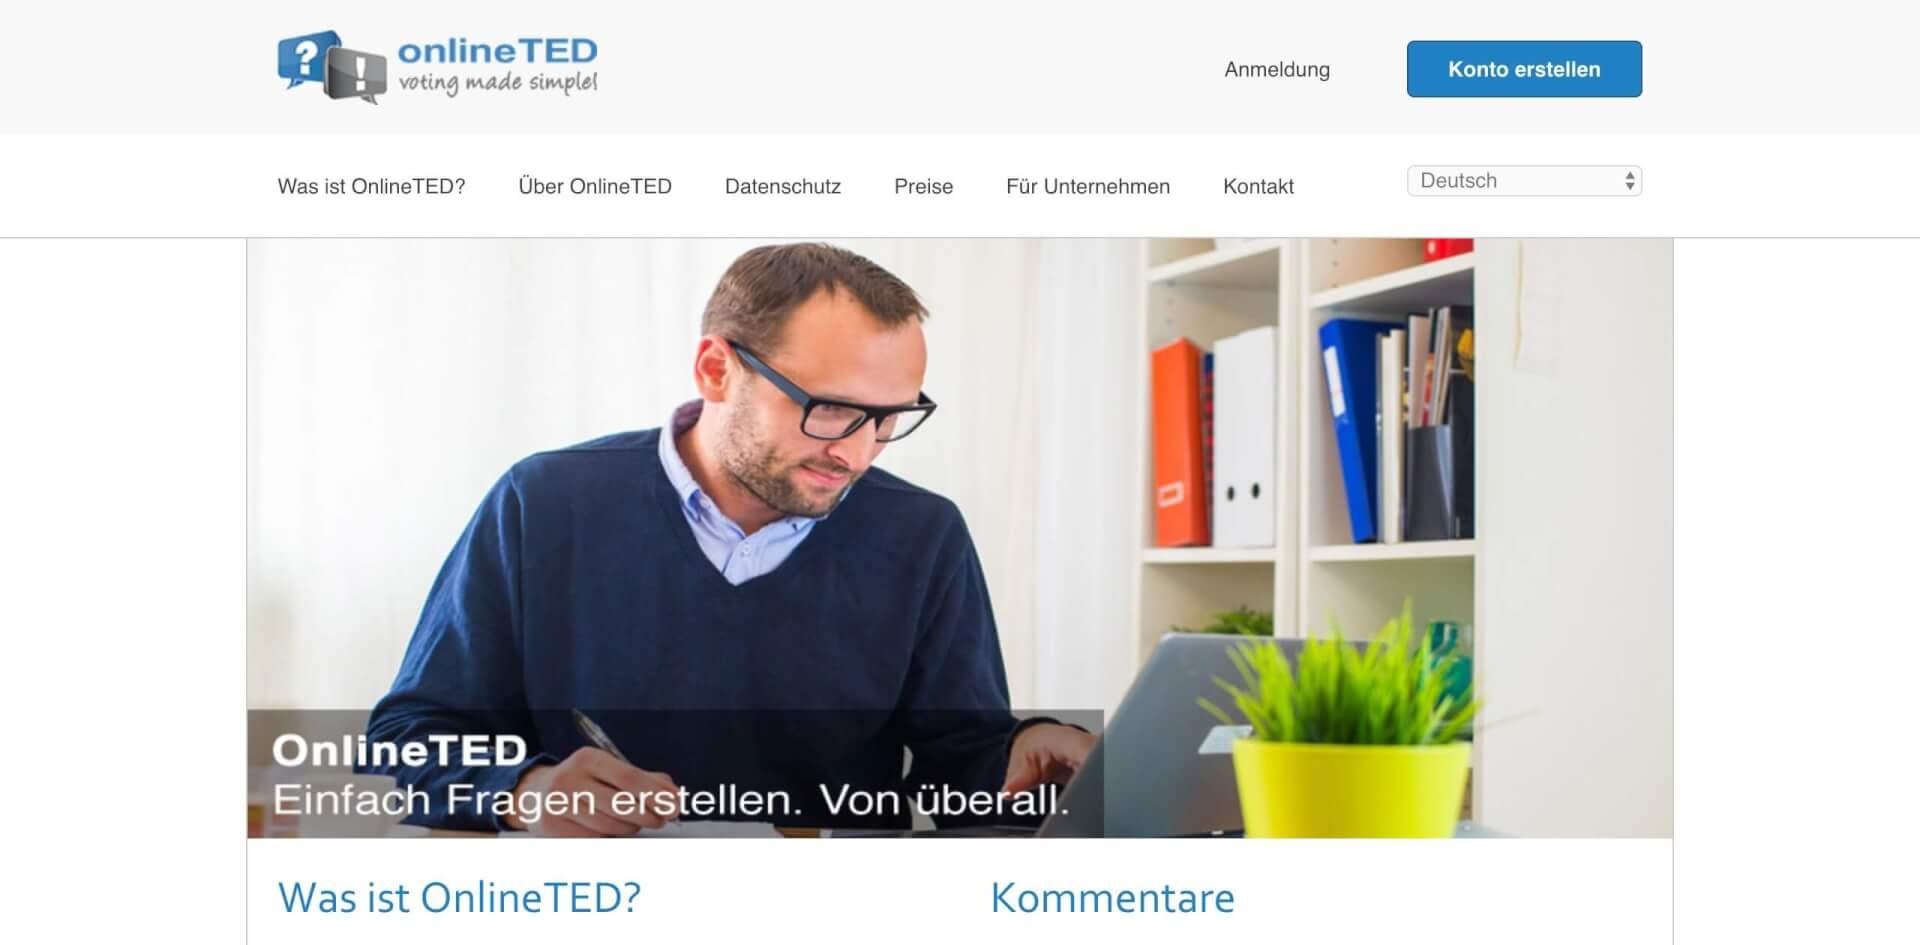 OnlineTED Voting Tool interaktiver Vortrag JSS Digital 1